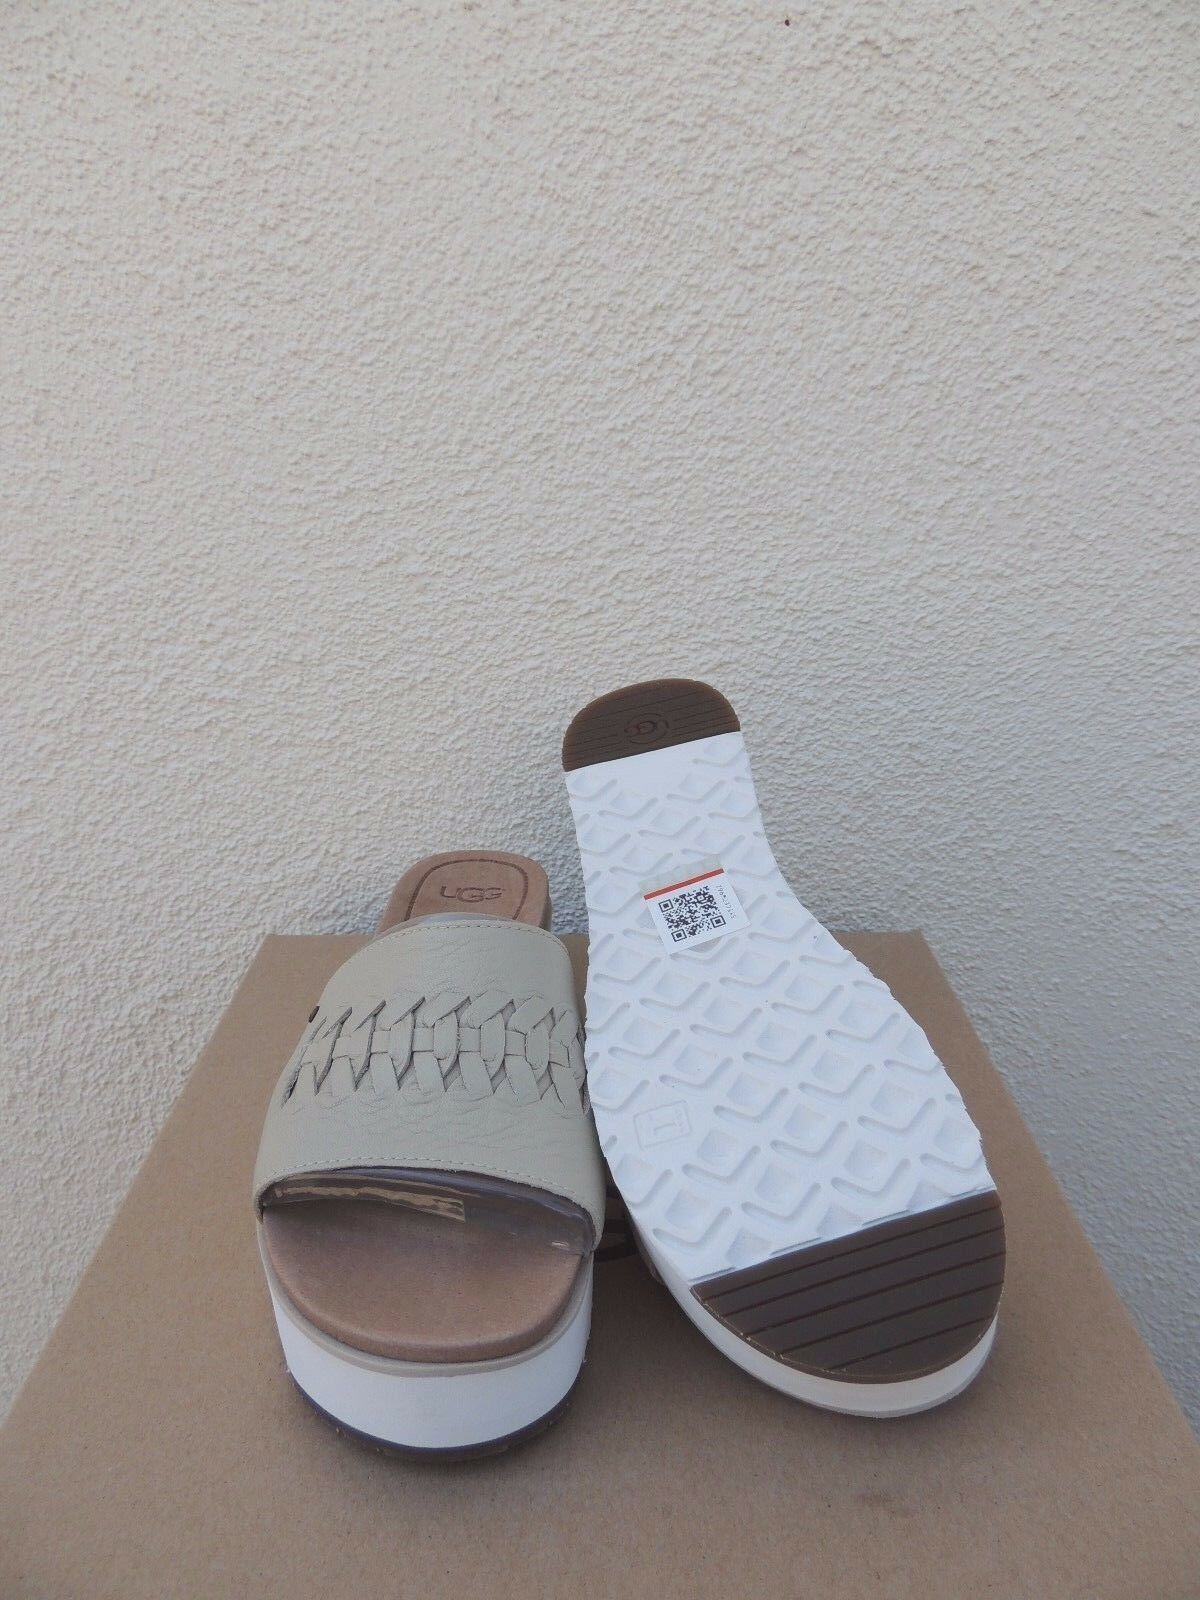 7b9cf84724f UGG Canvas Delaney Leather Platform Wedge Slide Sandals US 6.5  EUR 37.5  for sale online